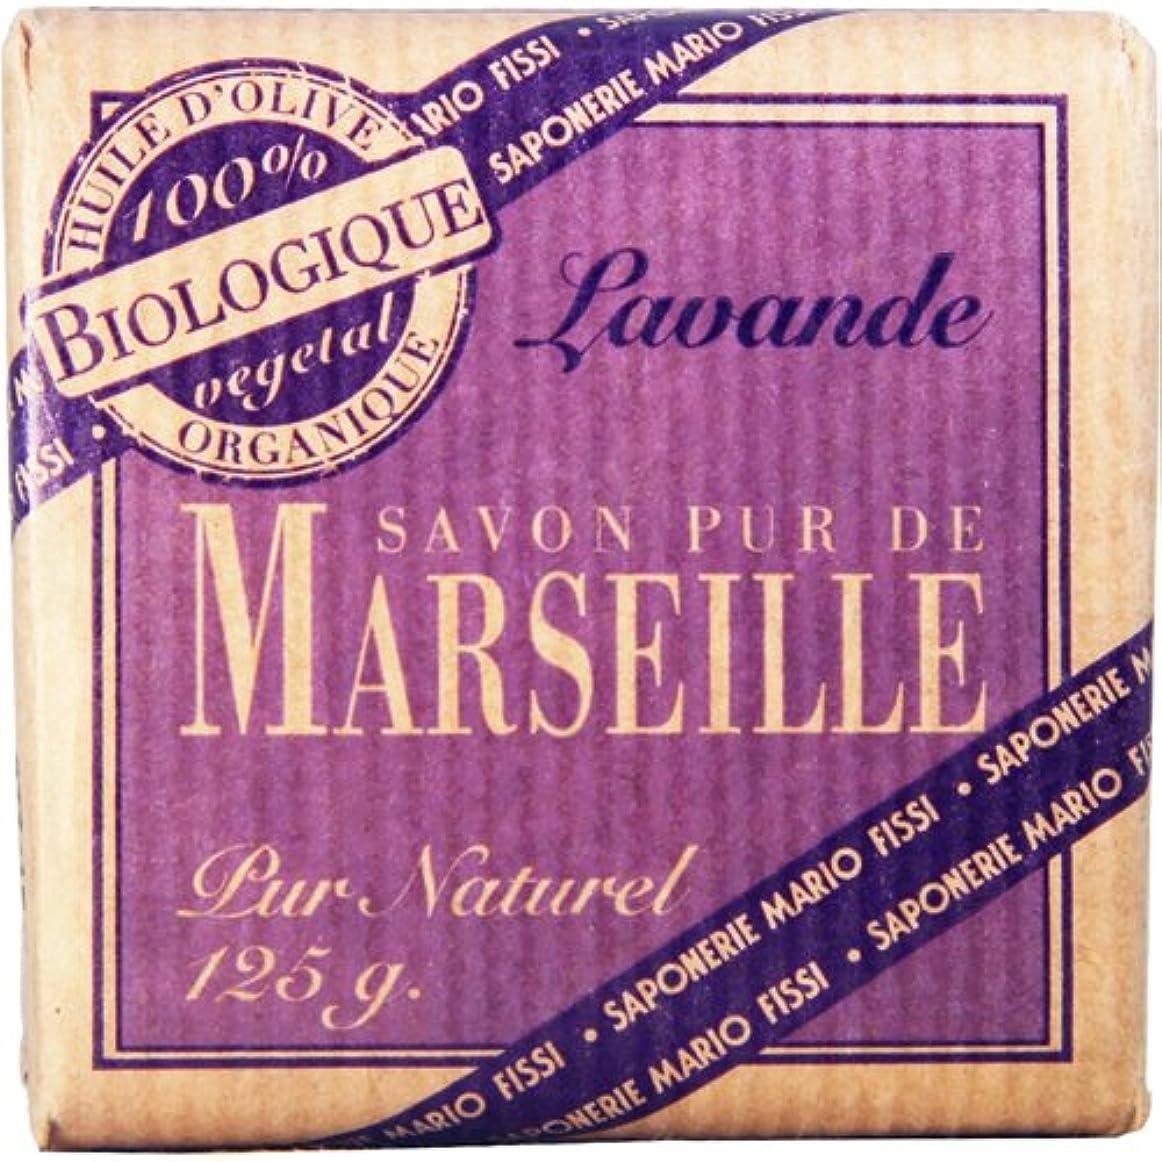 はねかける細心の芝生Saponerire Fissi マルセイユシリーズ マルセイユソープ 125g Lavender ラベンダー